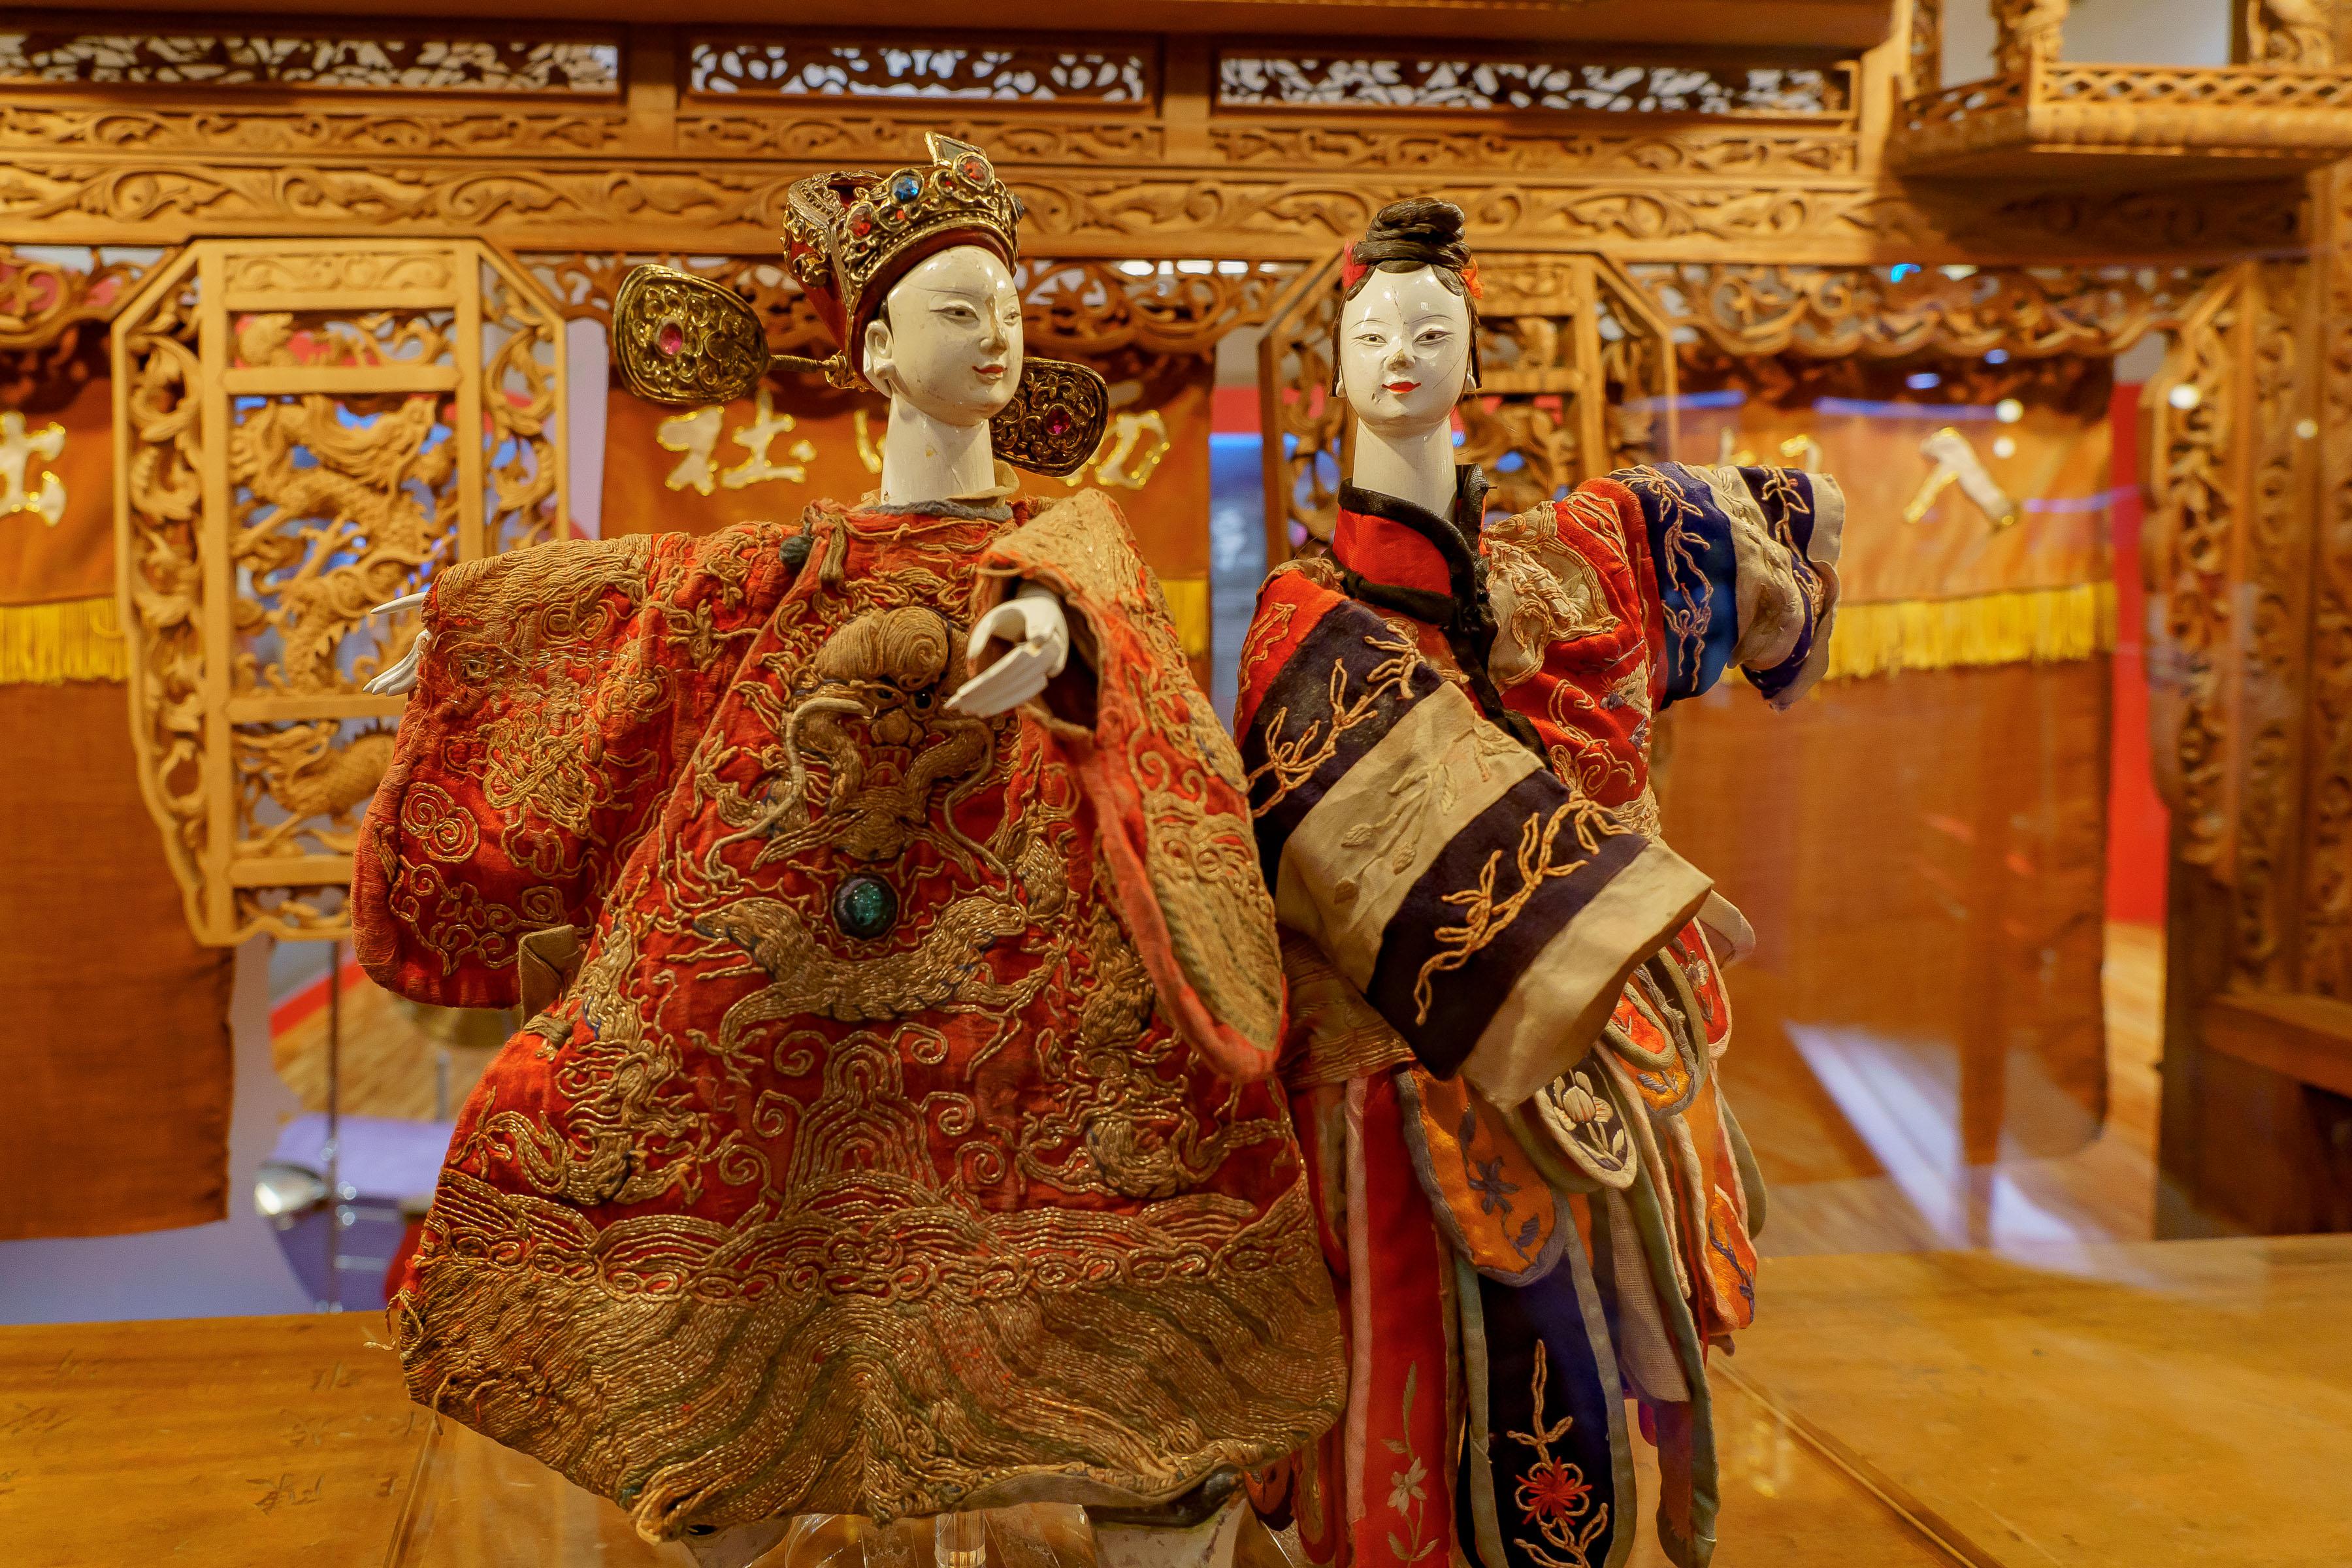 臺博館復甦傳統文化  百年戲偶展新象  布袋戲風物展